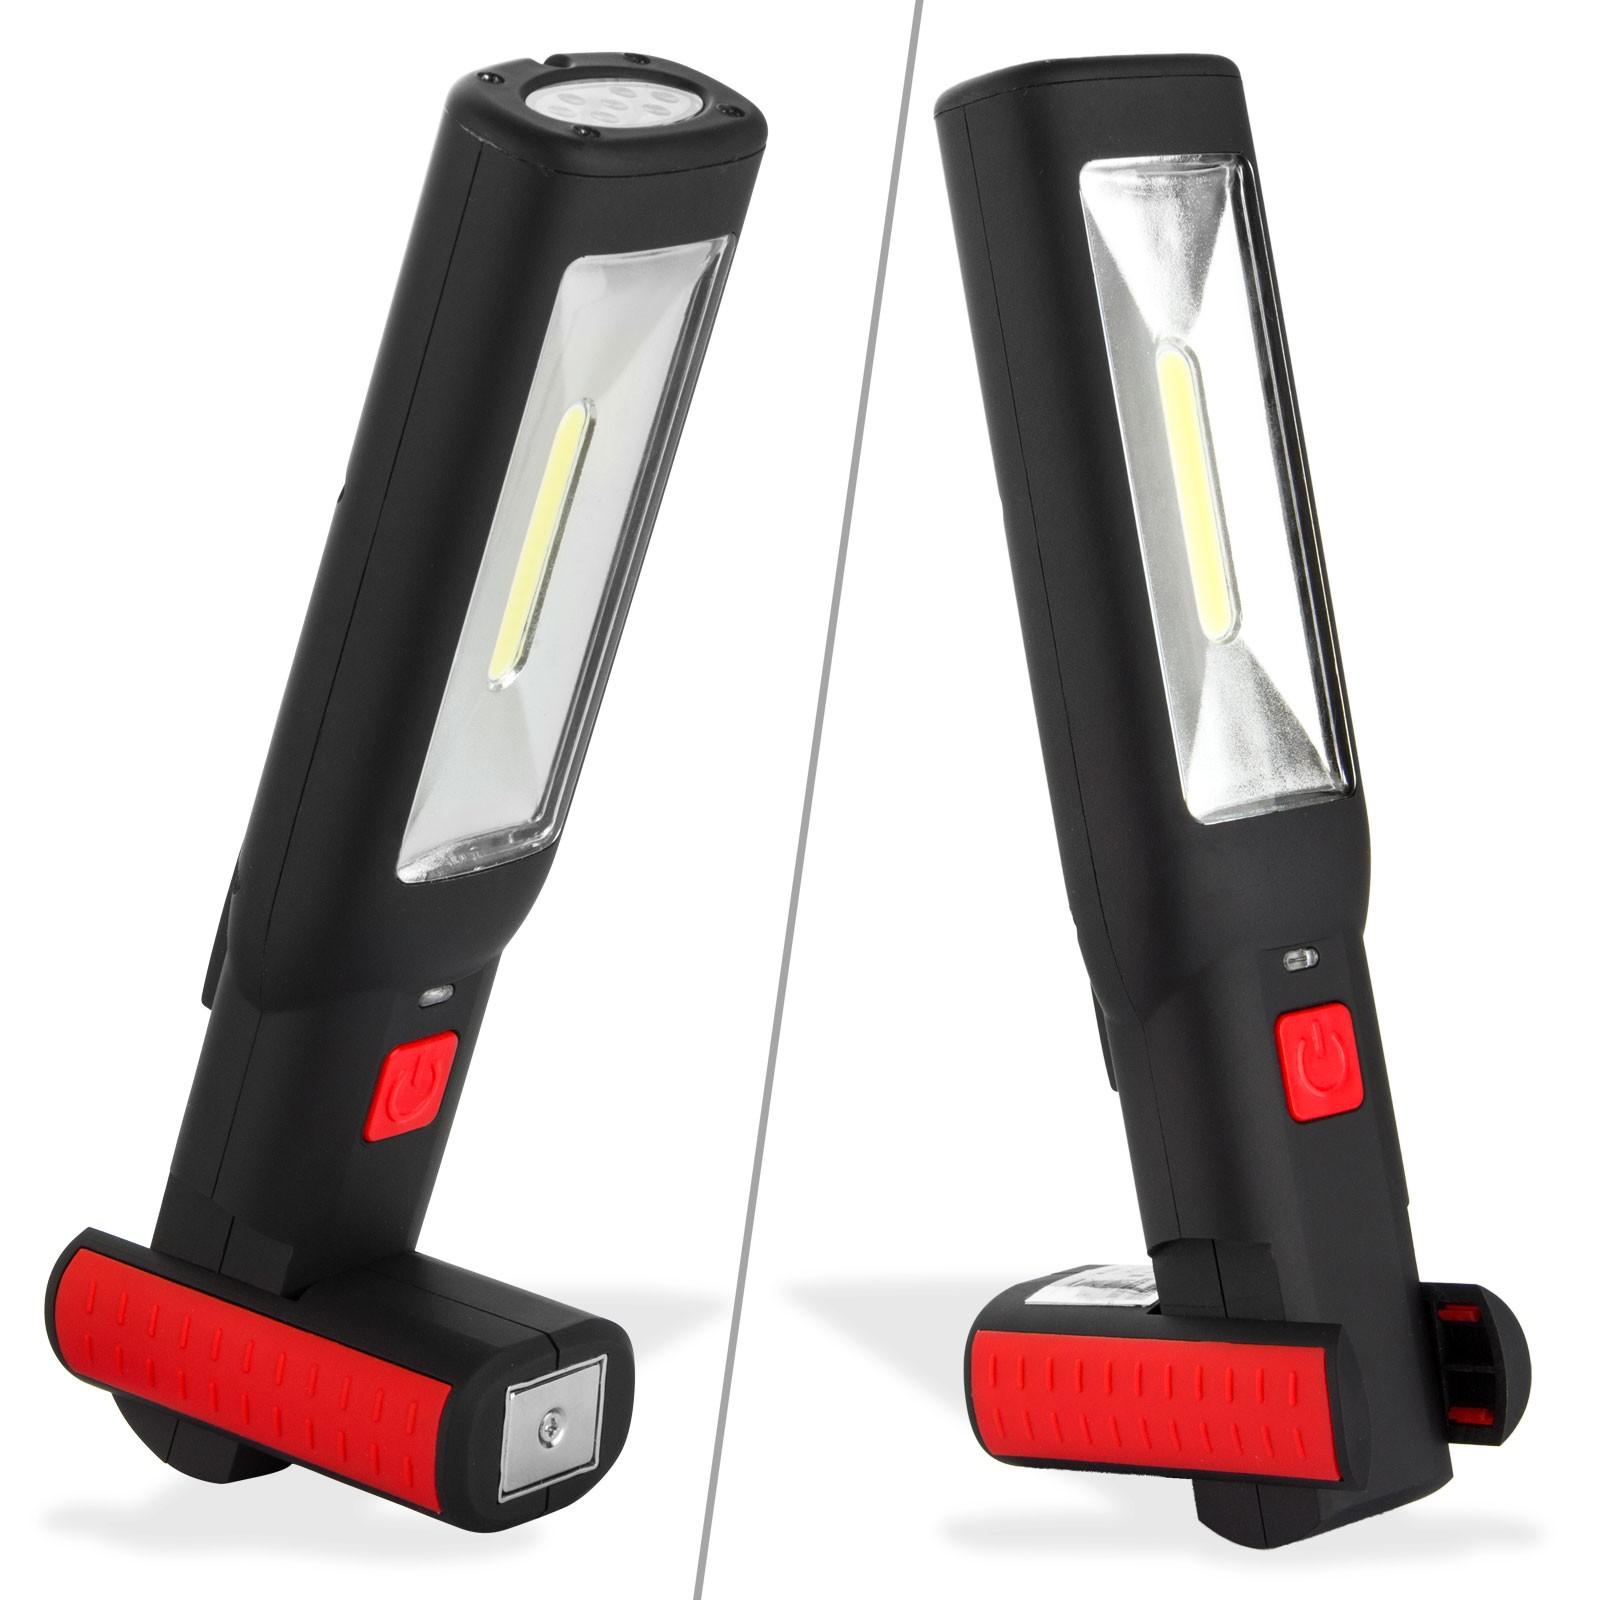 LED Handlampe / Arbeitslampe 3W Li-Ion